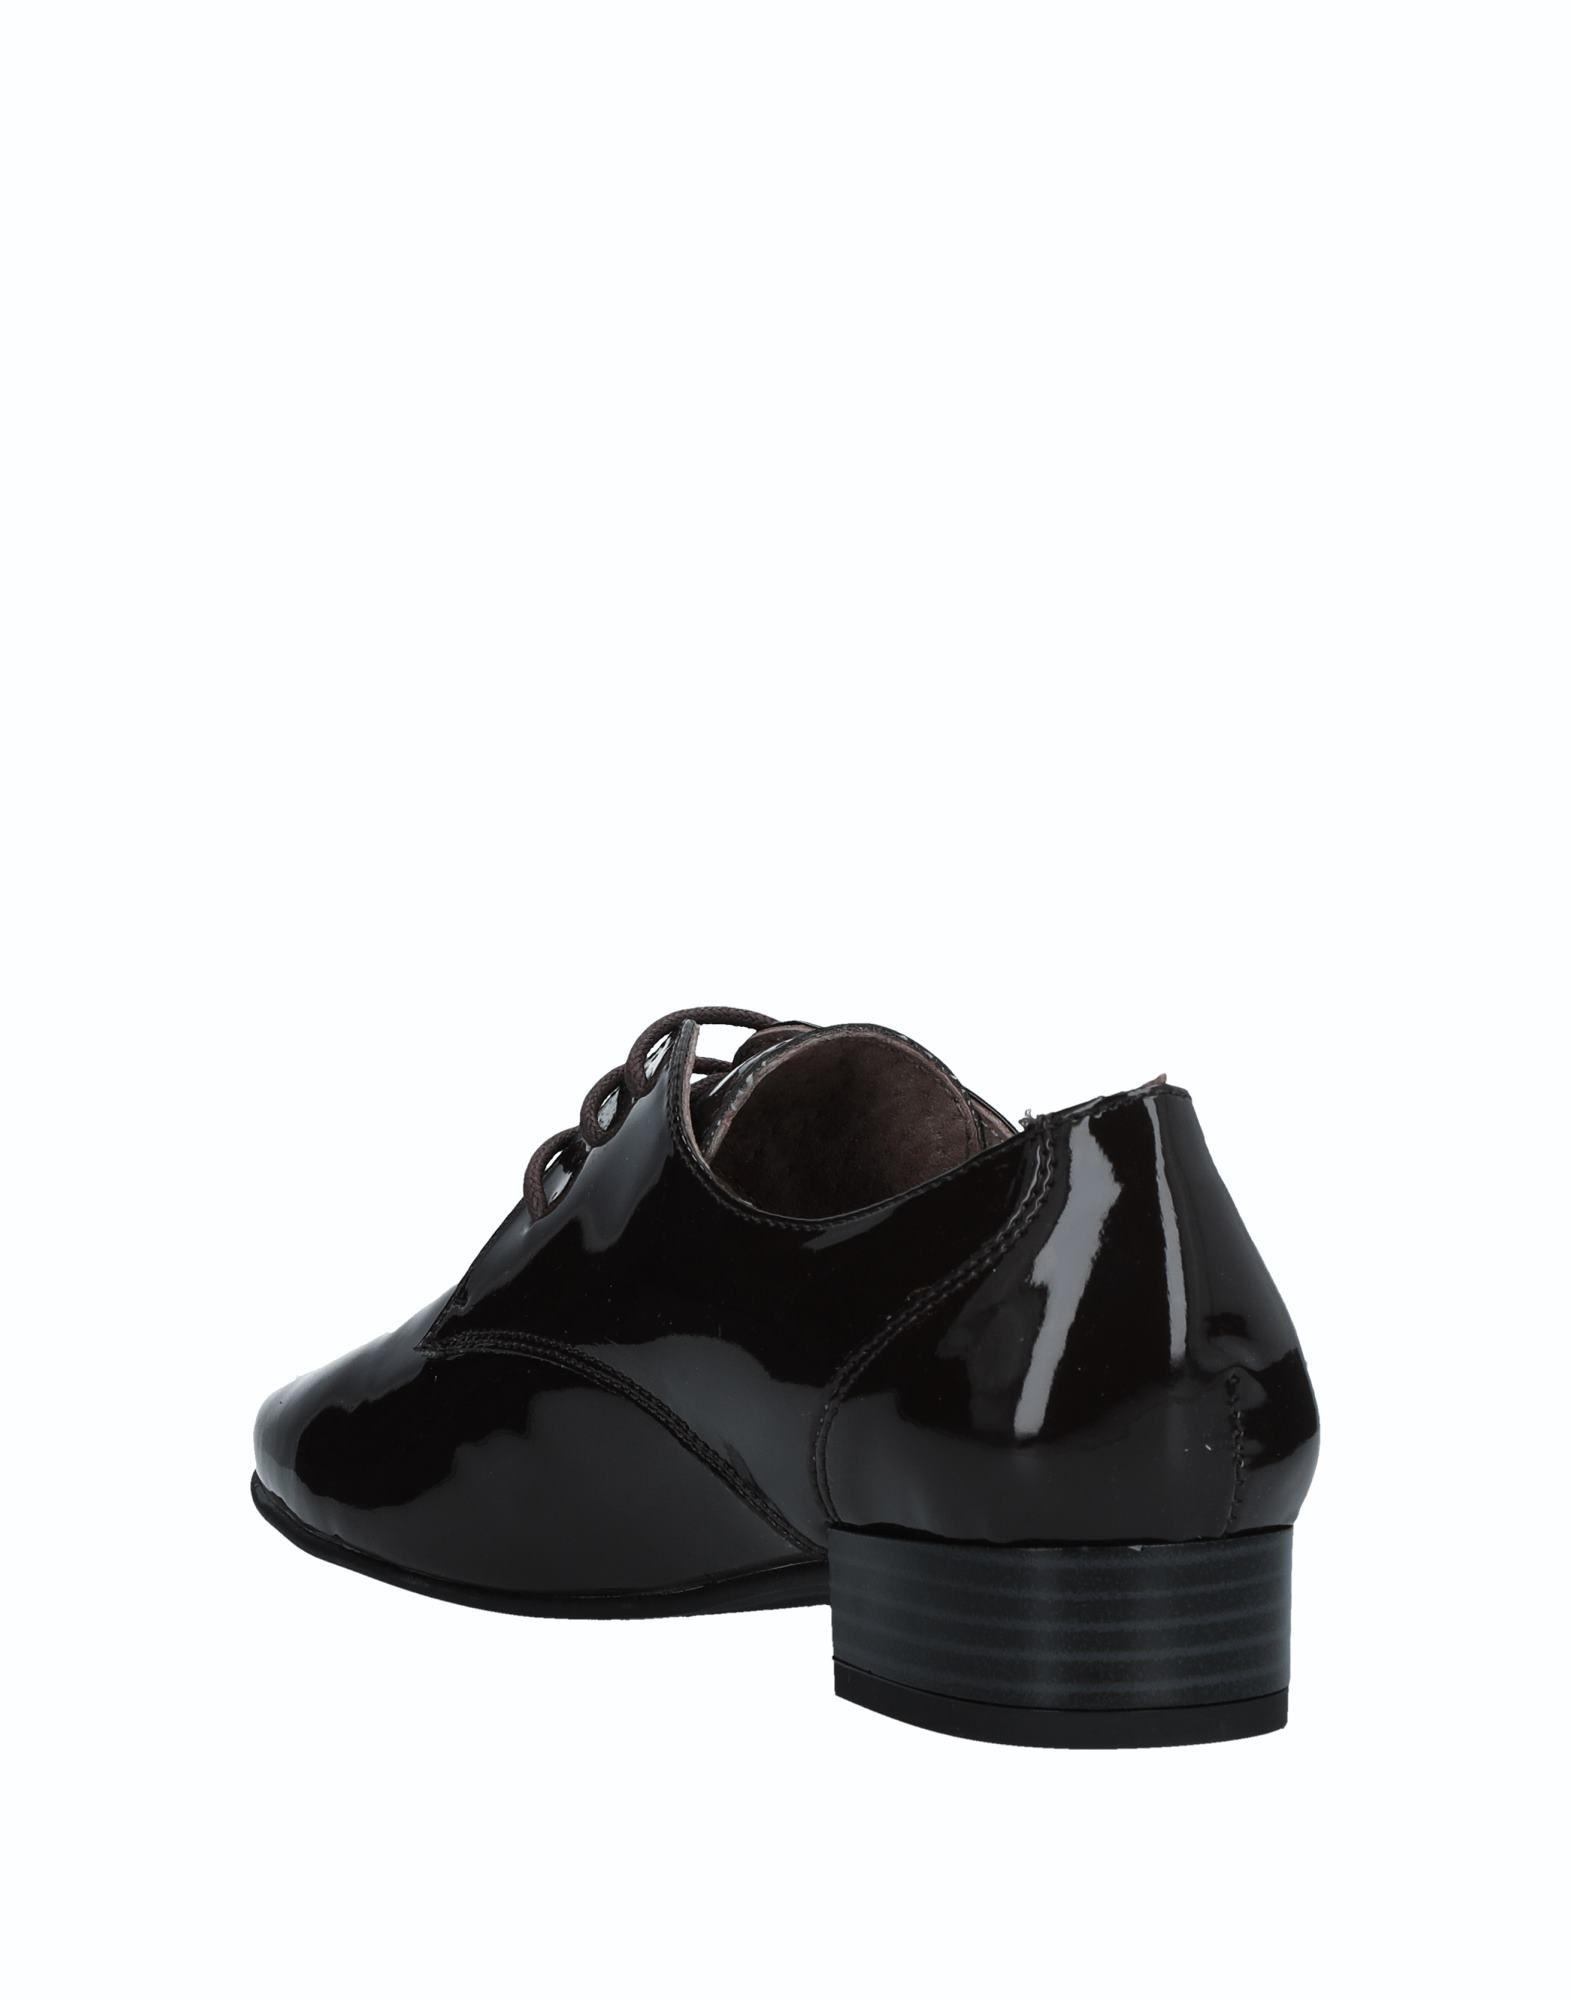 Maria Barcelo Schnürschuhe Damen  11521267DJ Schuhe Gute Qualität beliebte Schuhe 11521267DJ b092c7